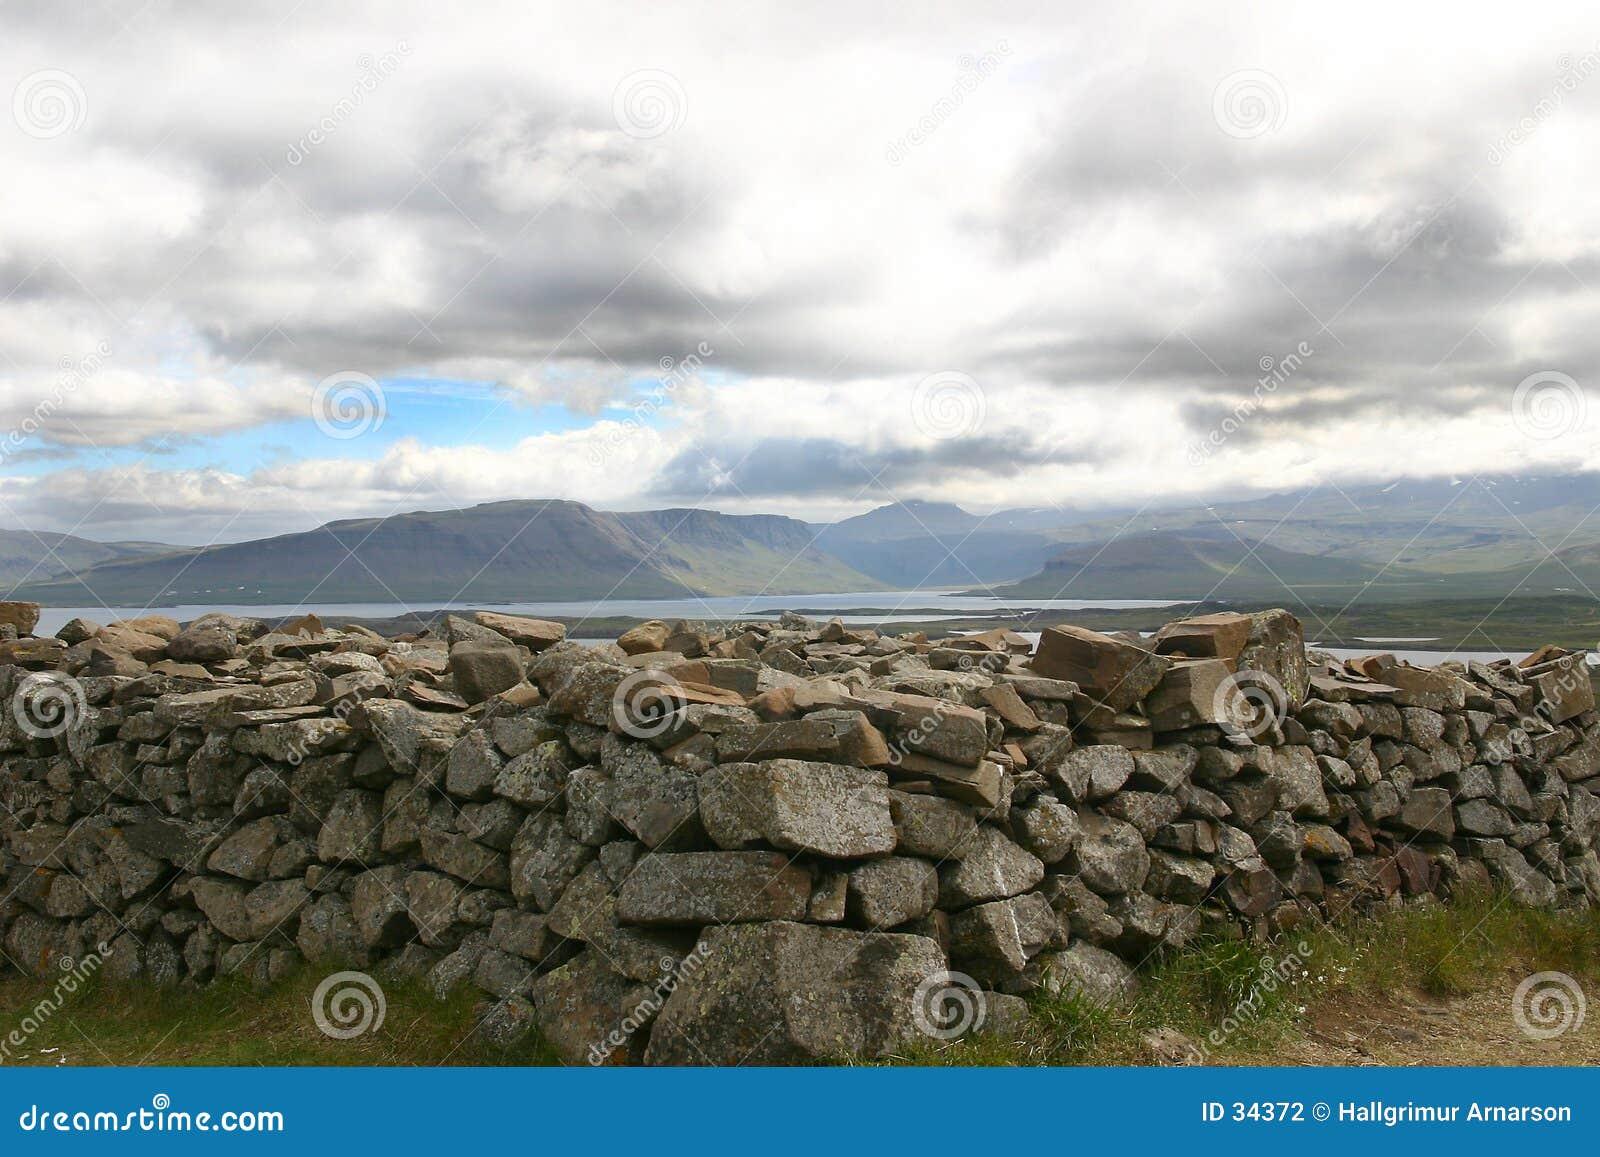 Pila de piedras